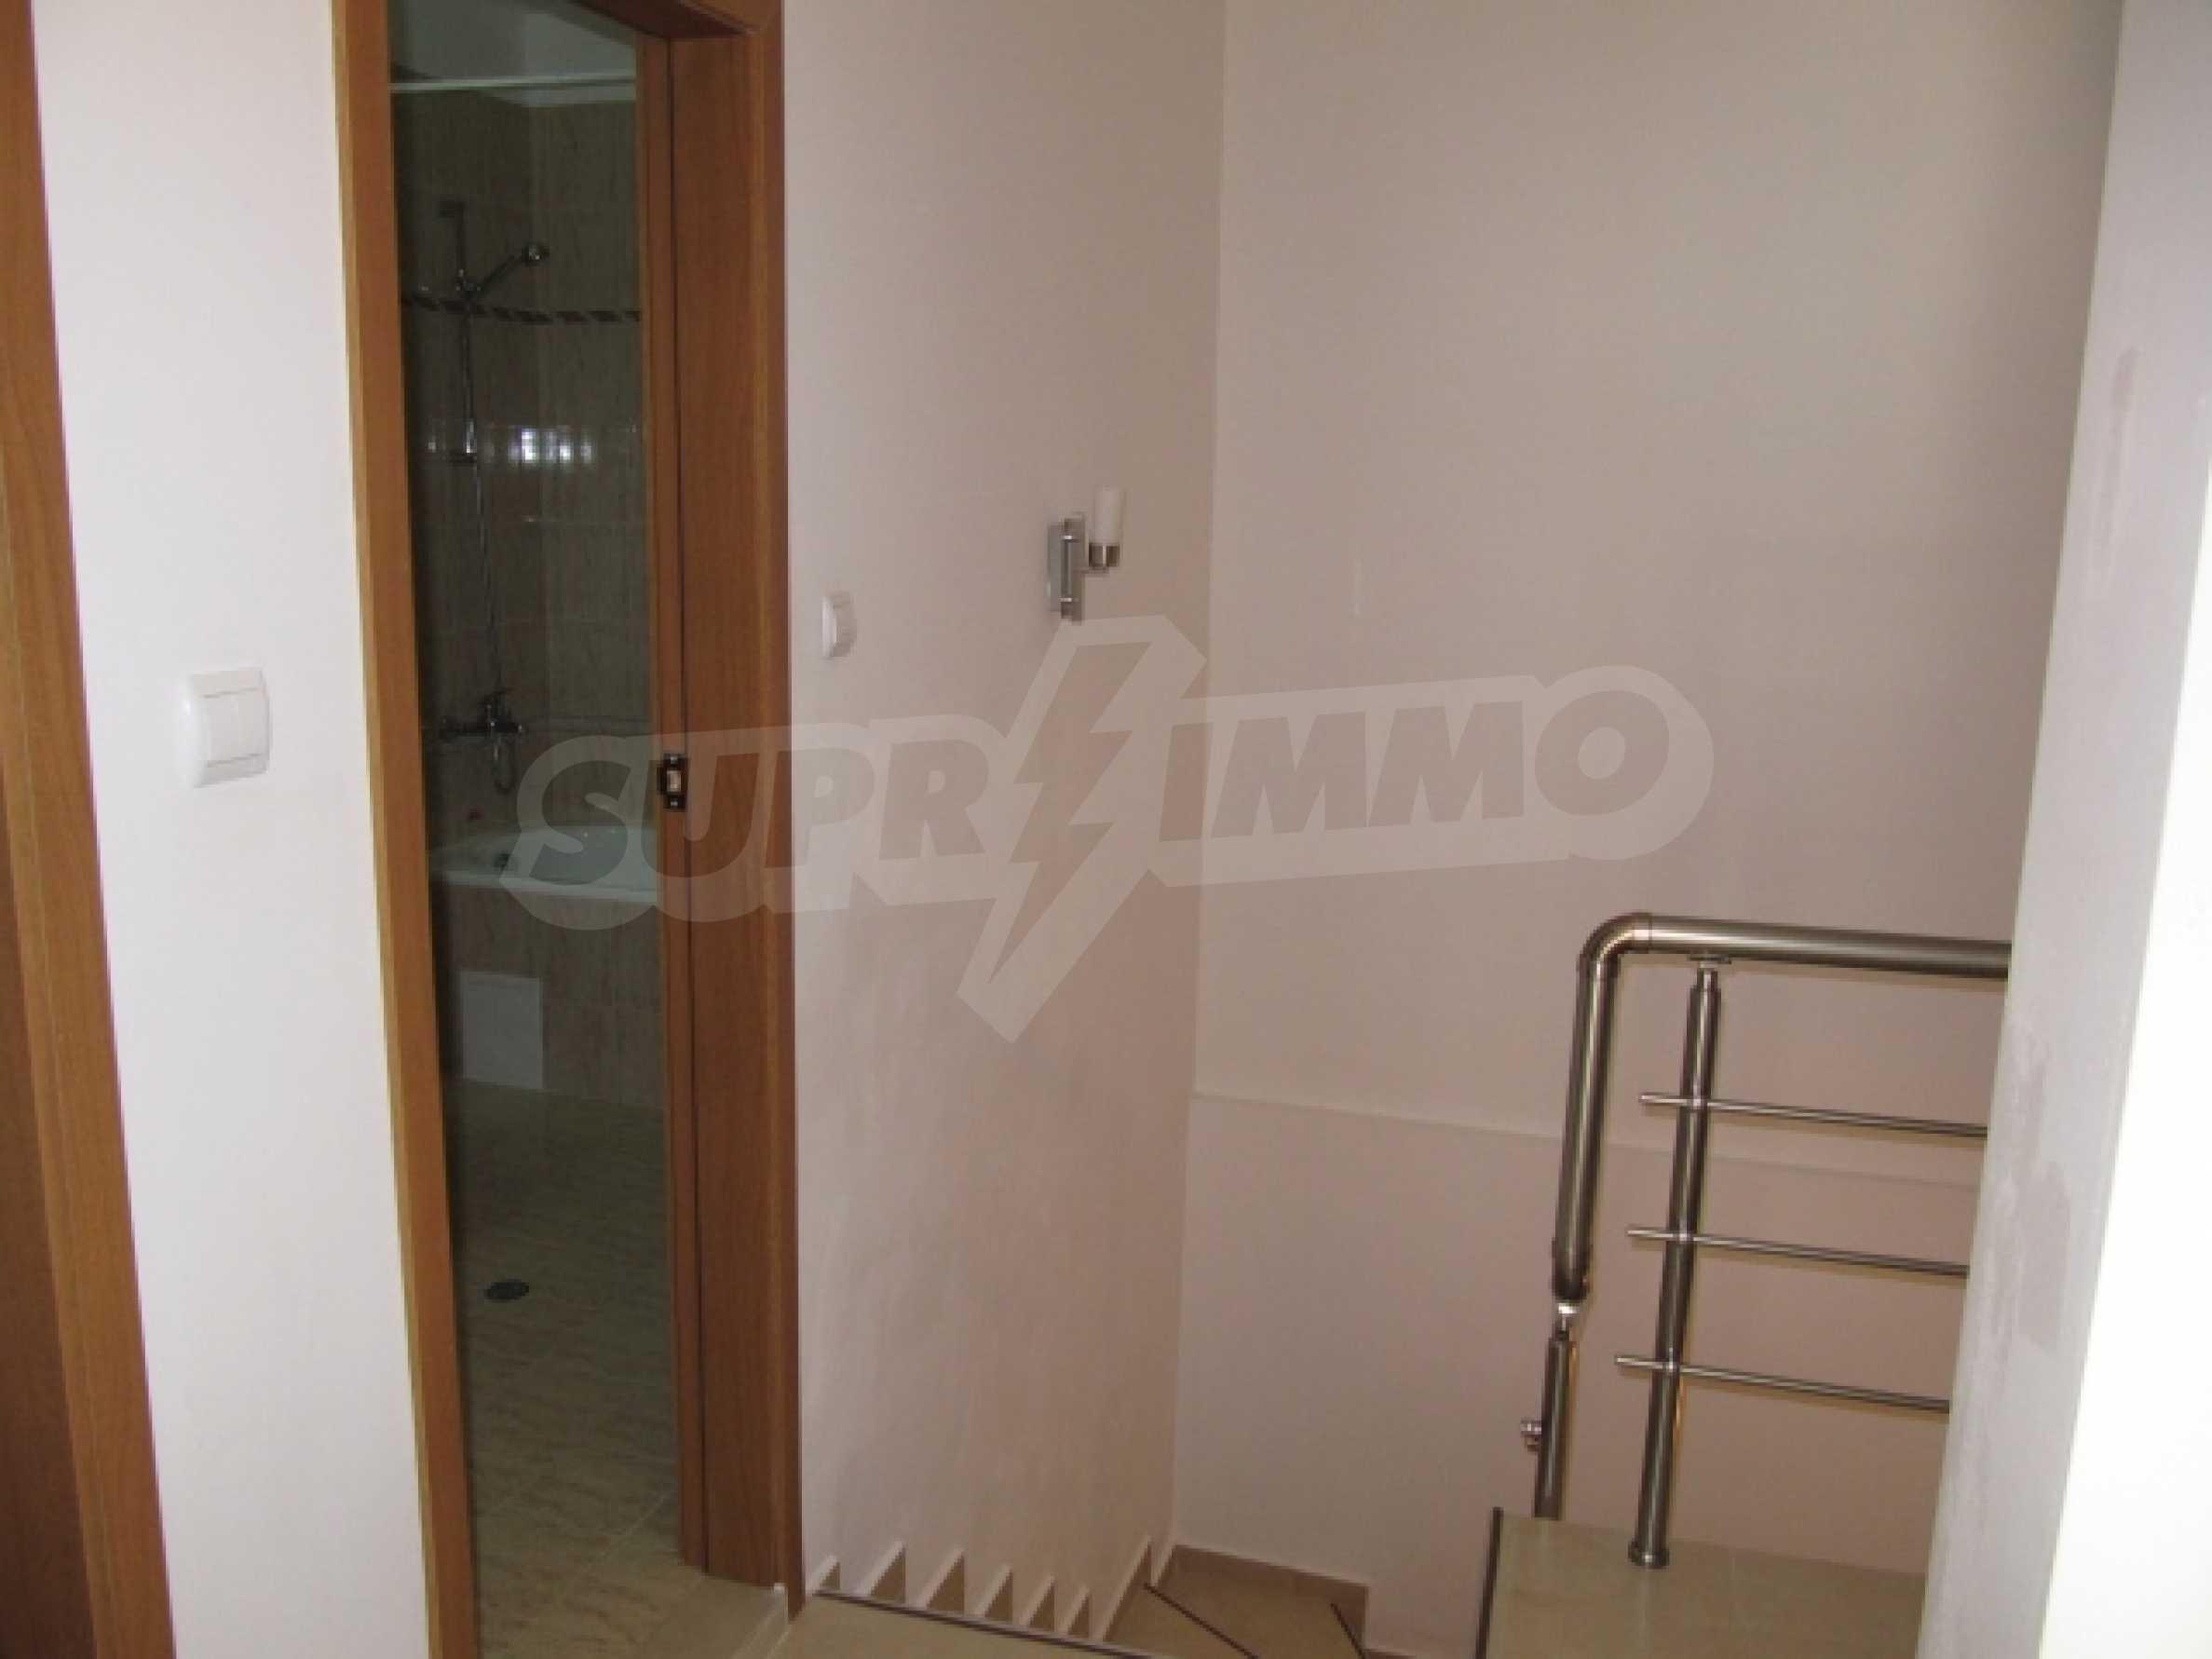 Трехкомнатная квартира на продажу в горнолыжном курорте Пампорово 8